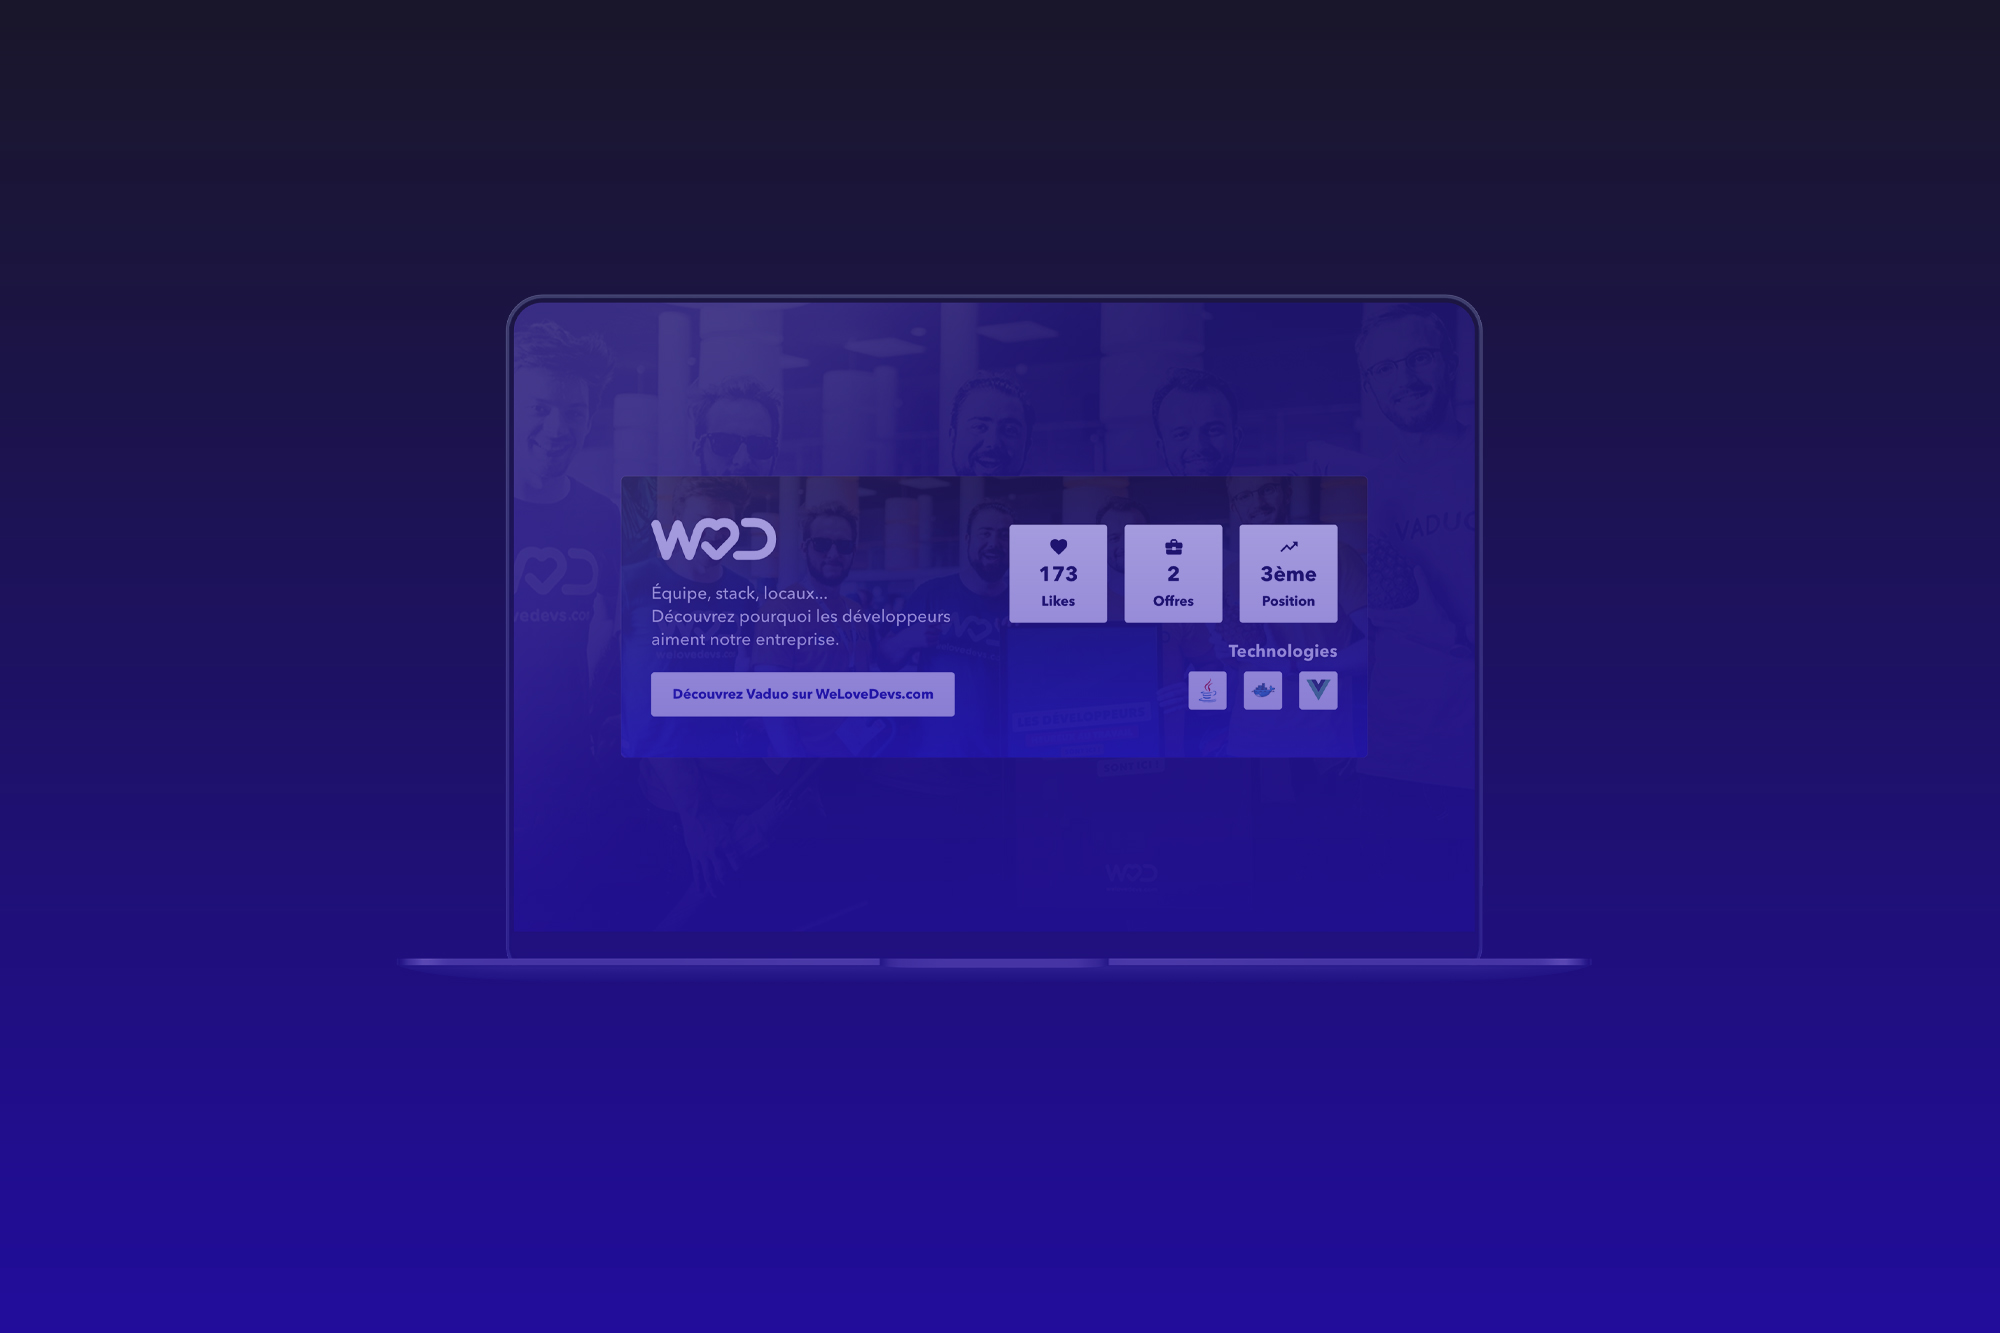 Recruteur – Ajouter le Widget WeLoveDevs sur mon site web